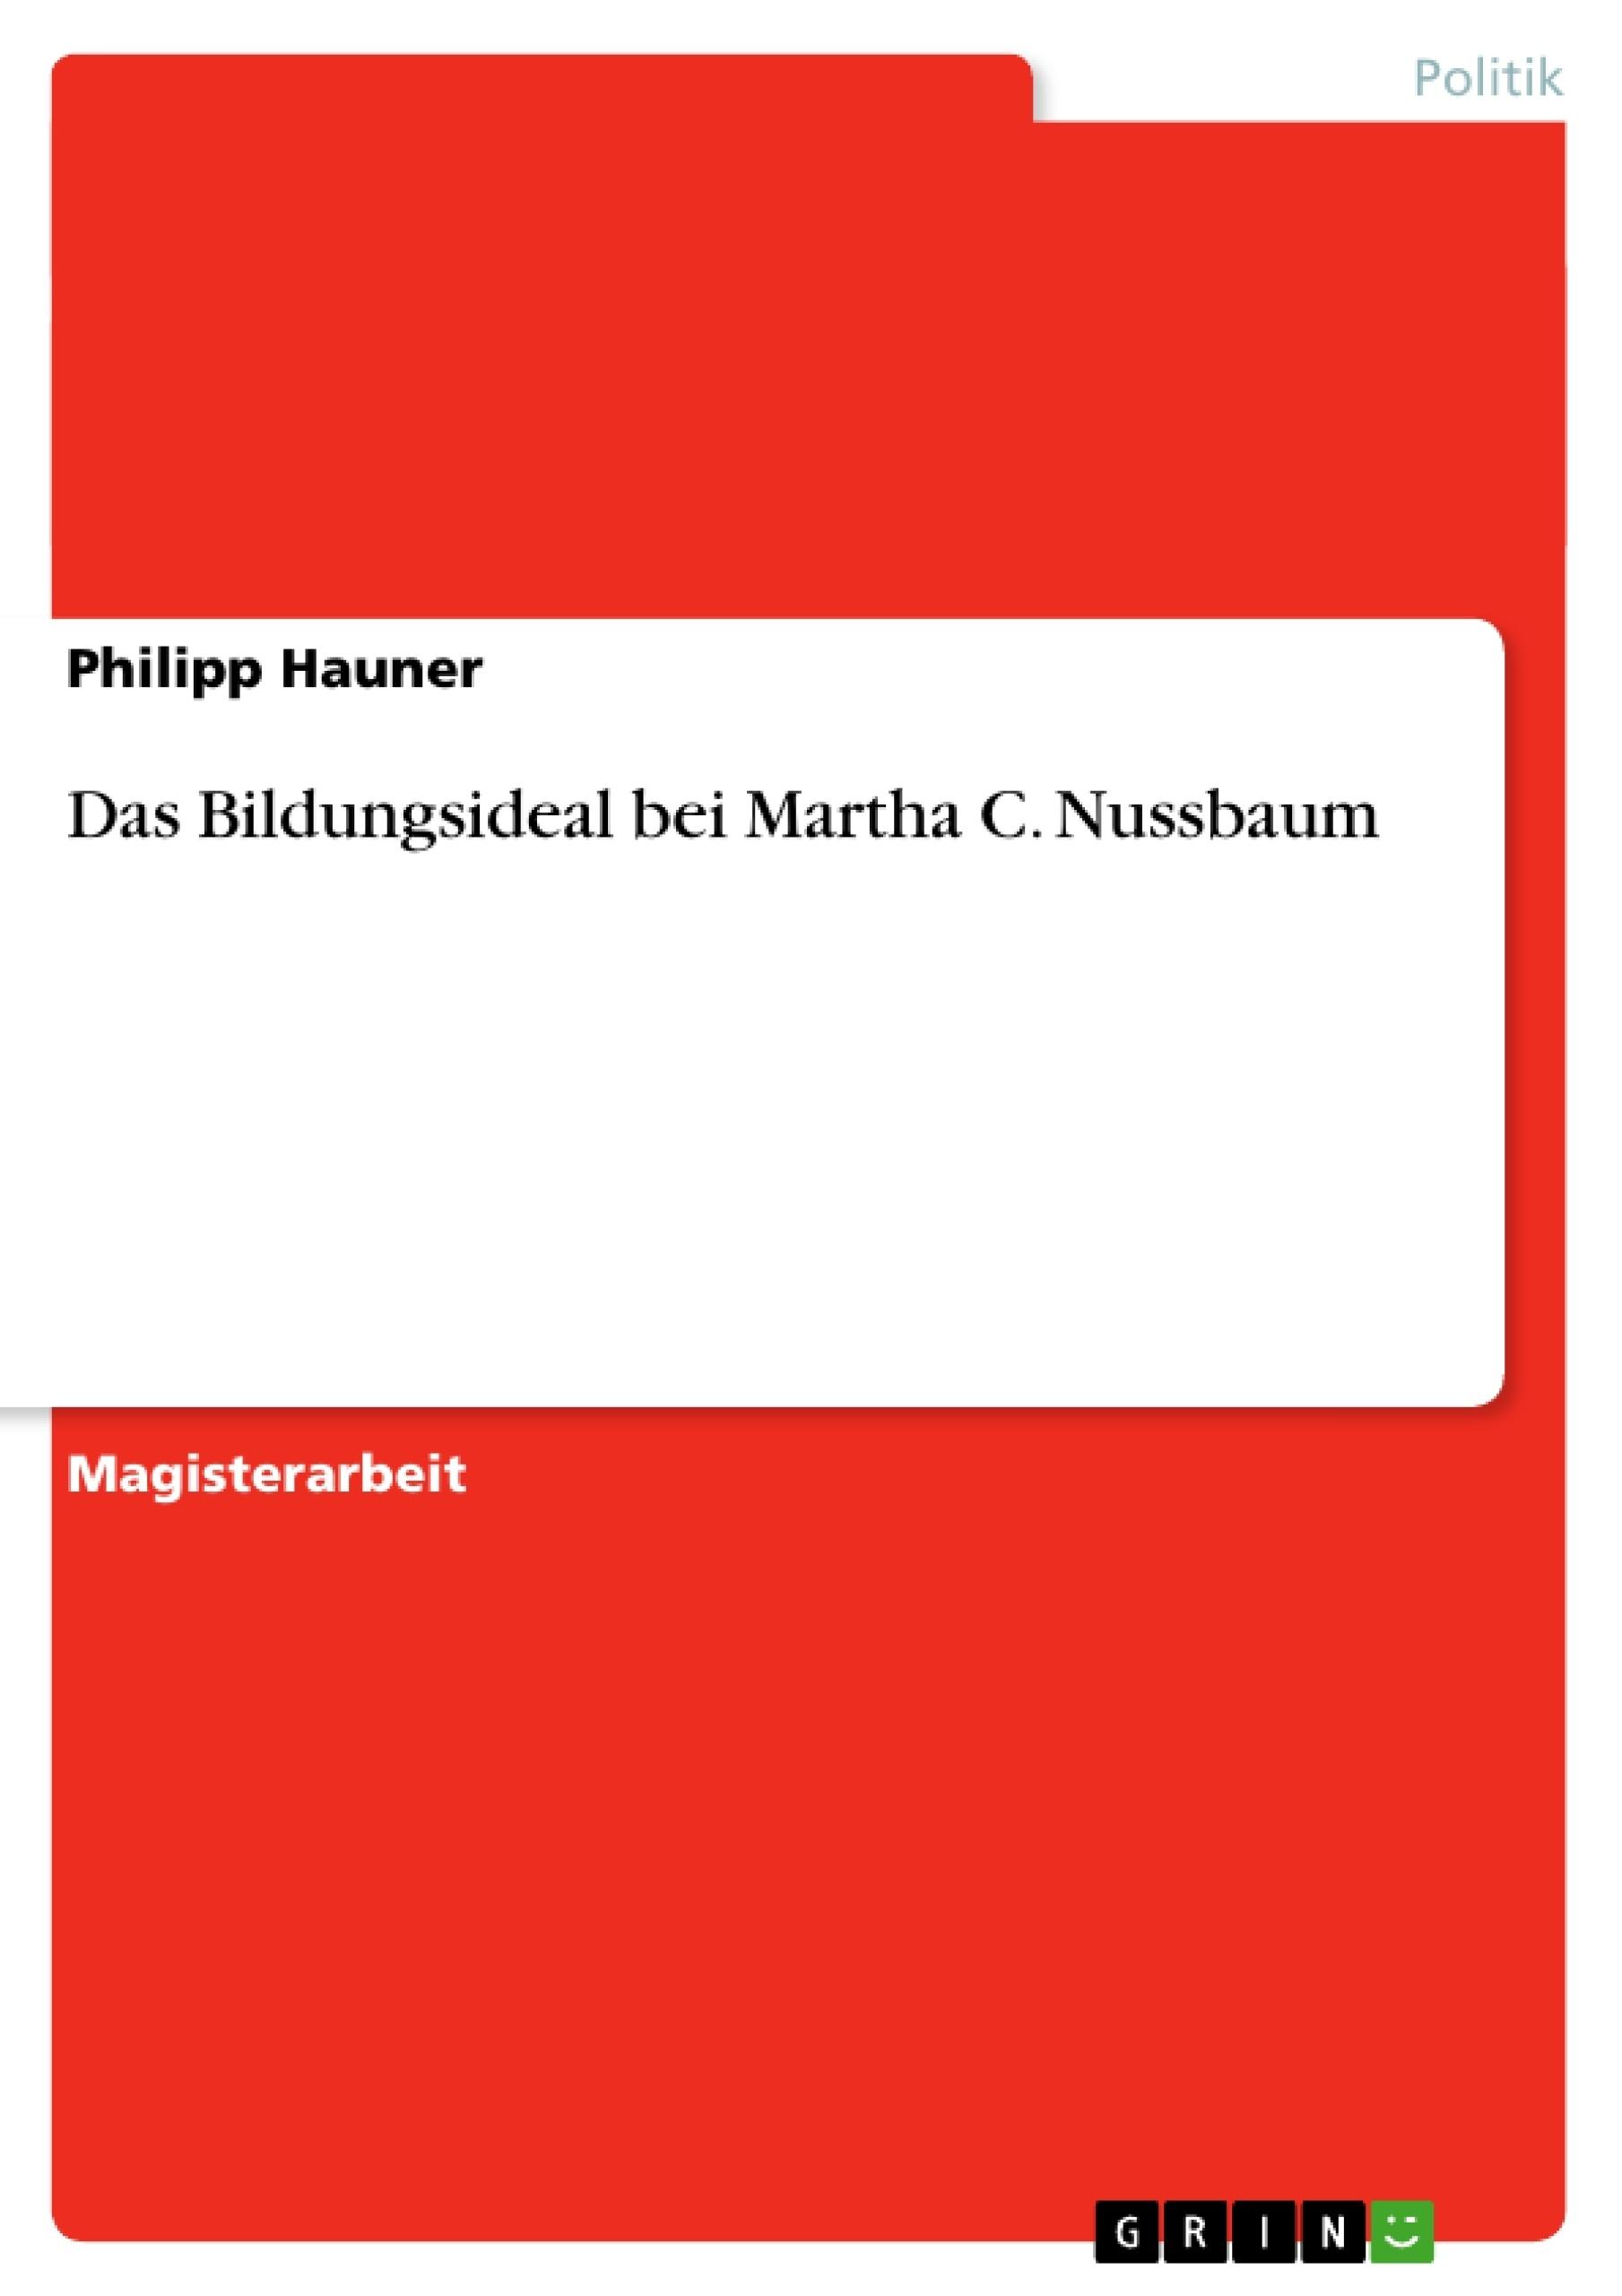 Titel: Das Bildungsideal bei Martha C. Nussbaum